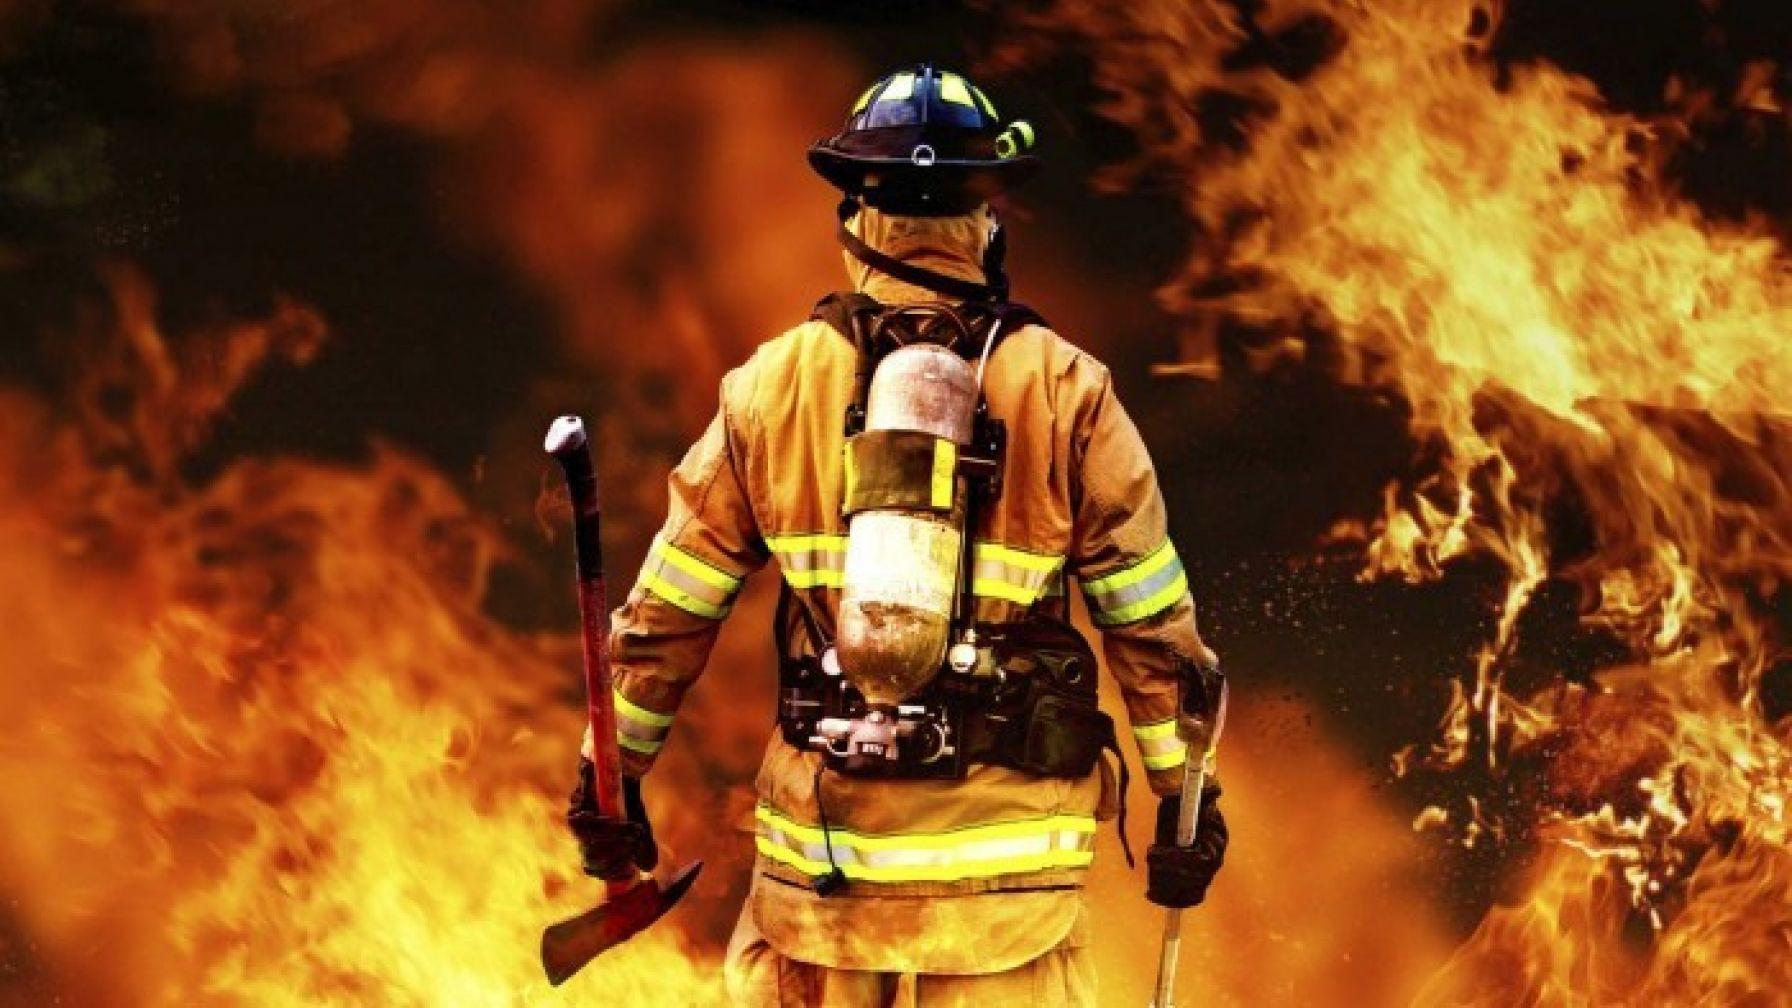 ORHZ LV vyhlasuje čas zvýšeného nebezpečenstva vzniku požiarov